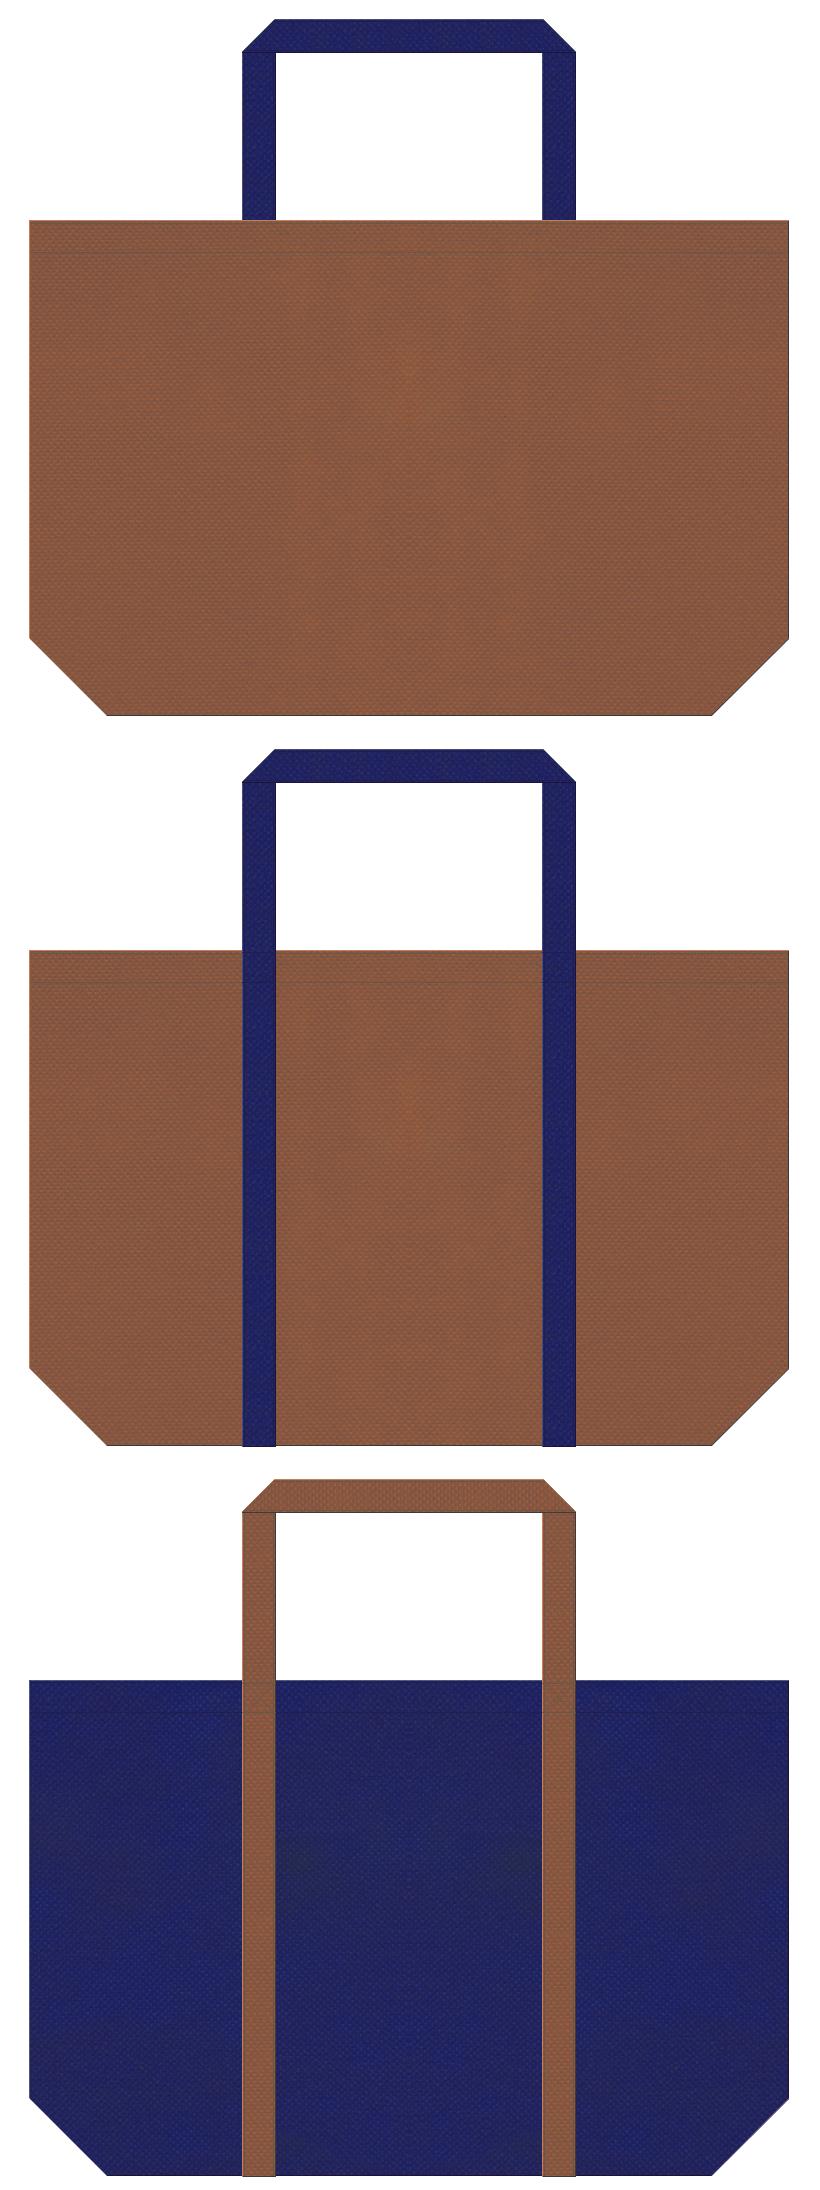 デニム・ジーンズ・アウトレット・カジュアル・アウトレットのショッピングバッグにお奨めの不織布バッグデザイン:茶色と明るい紺色のコーデ